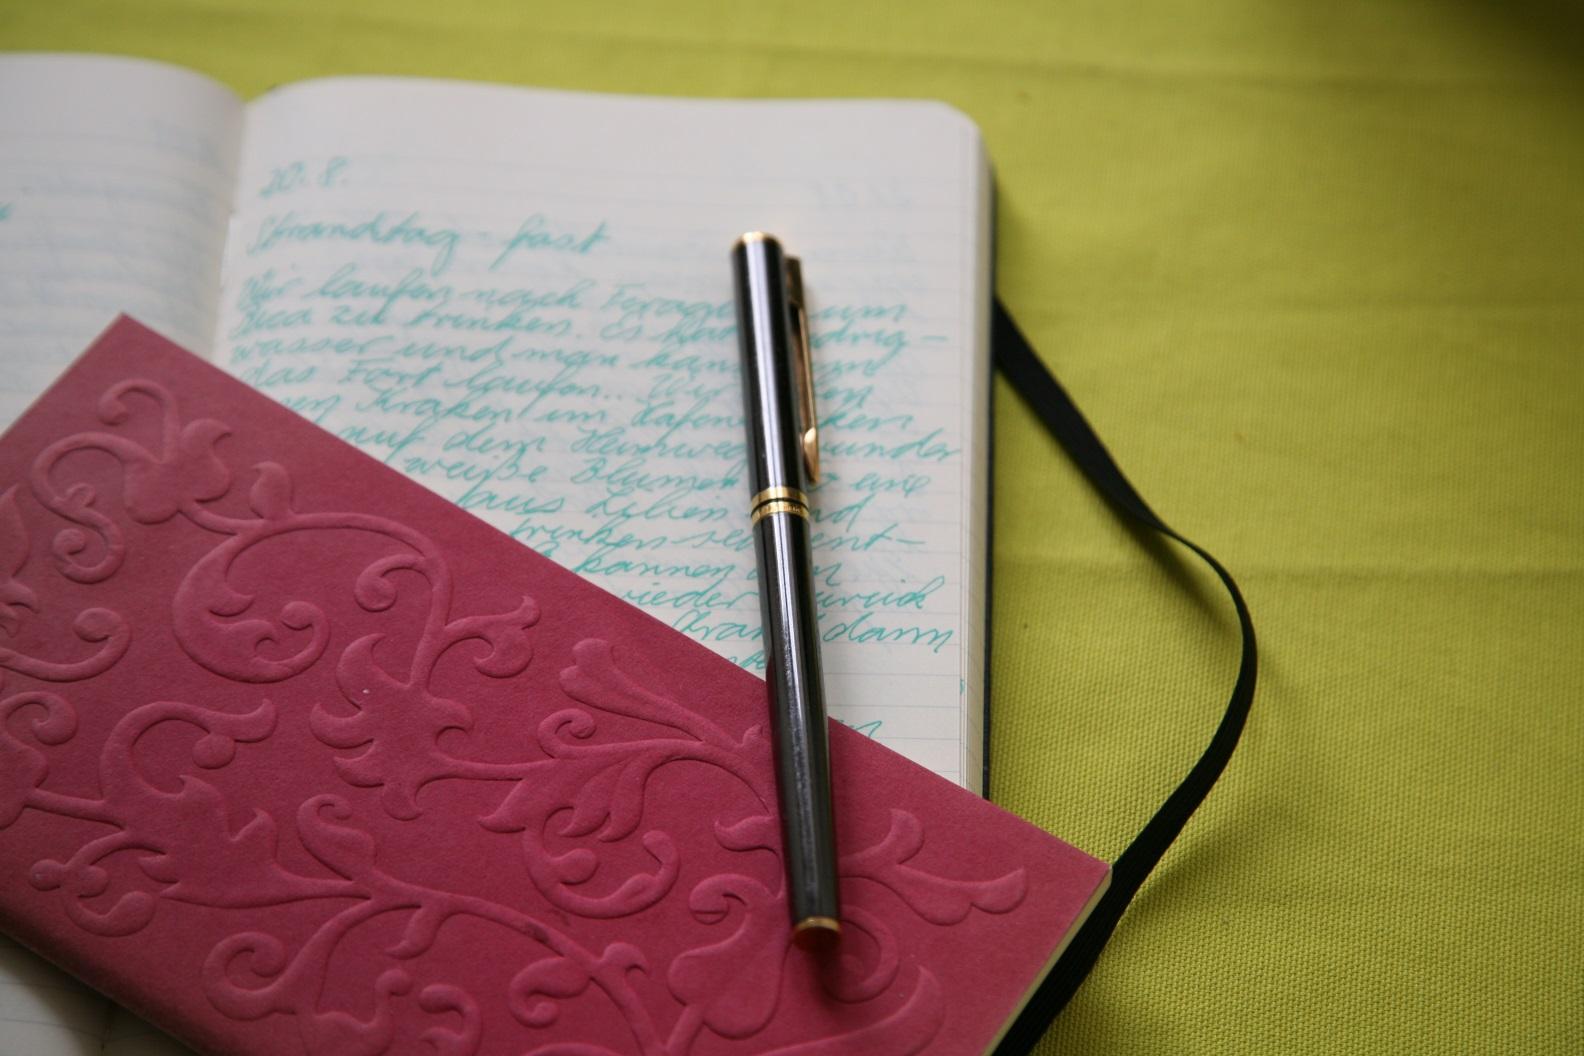 Notizbücher sind die Antwort auf die Frage Wohin mit den Buchstaben. Offenes Notizbuch mit grüner Schrift, Notizbuch mit geprägtem, rosafarbenem Einband und Füller mit Golddetails Denken und Schreiben